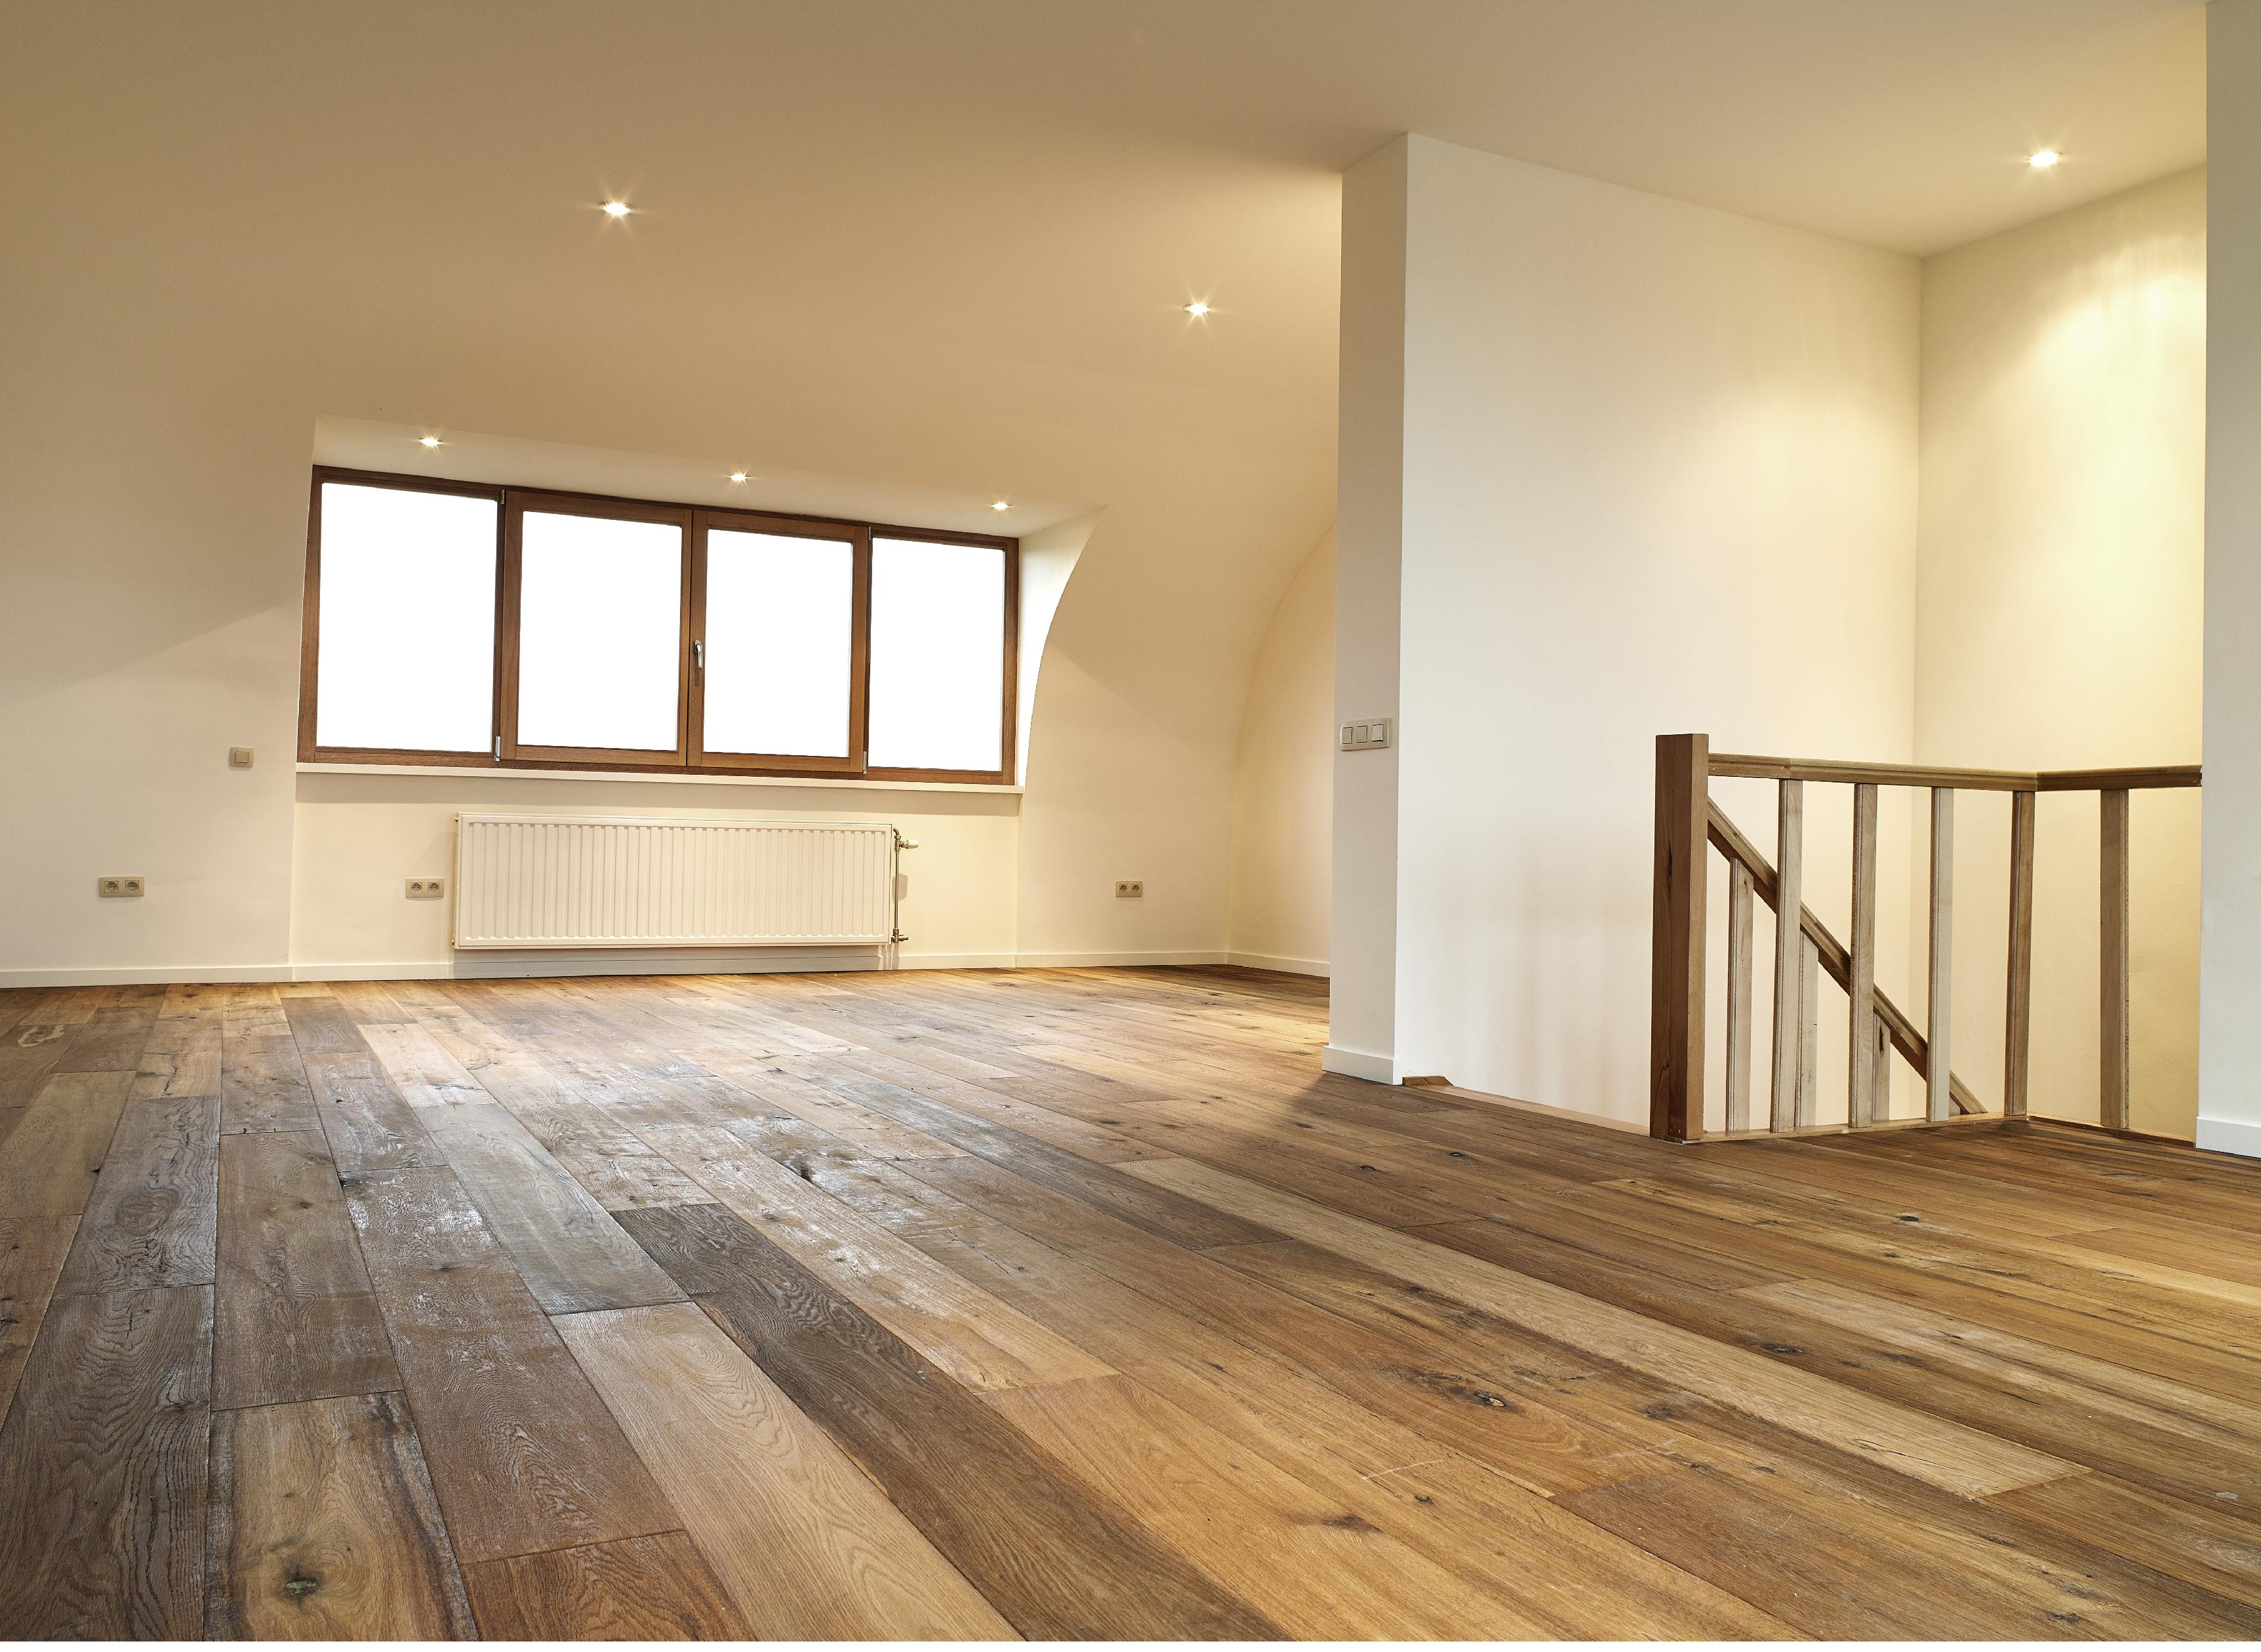 Massief houten vloeren en parketvloeren onafhankelijke klachten